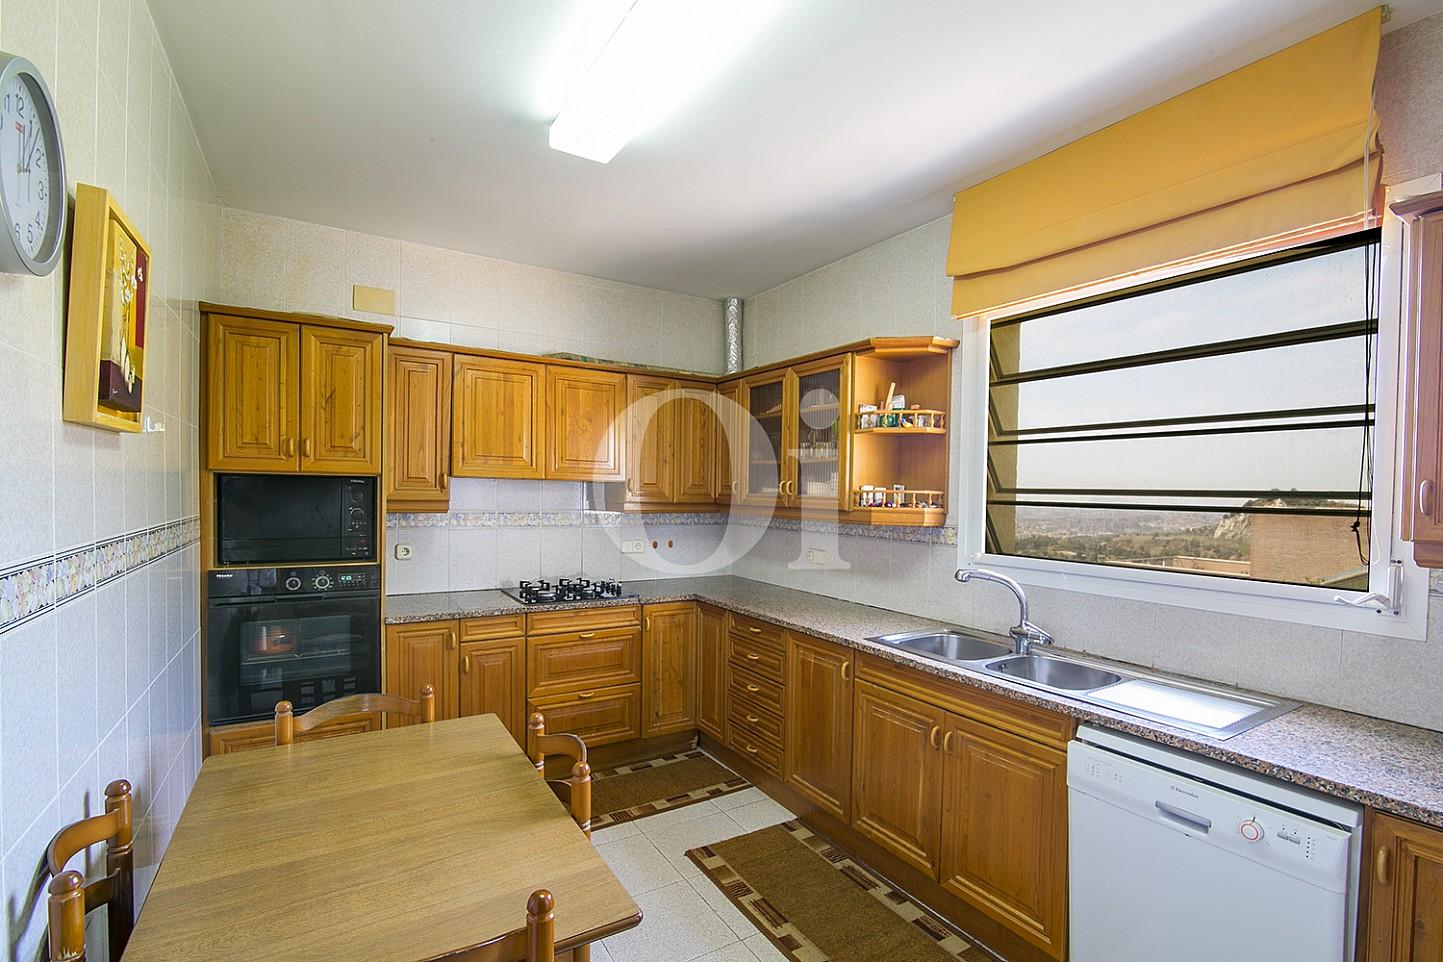 Кухня с видом на море эксклюзивного жилья на Mas Ram в Бадалоне